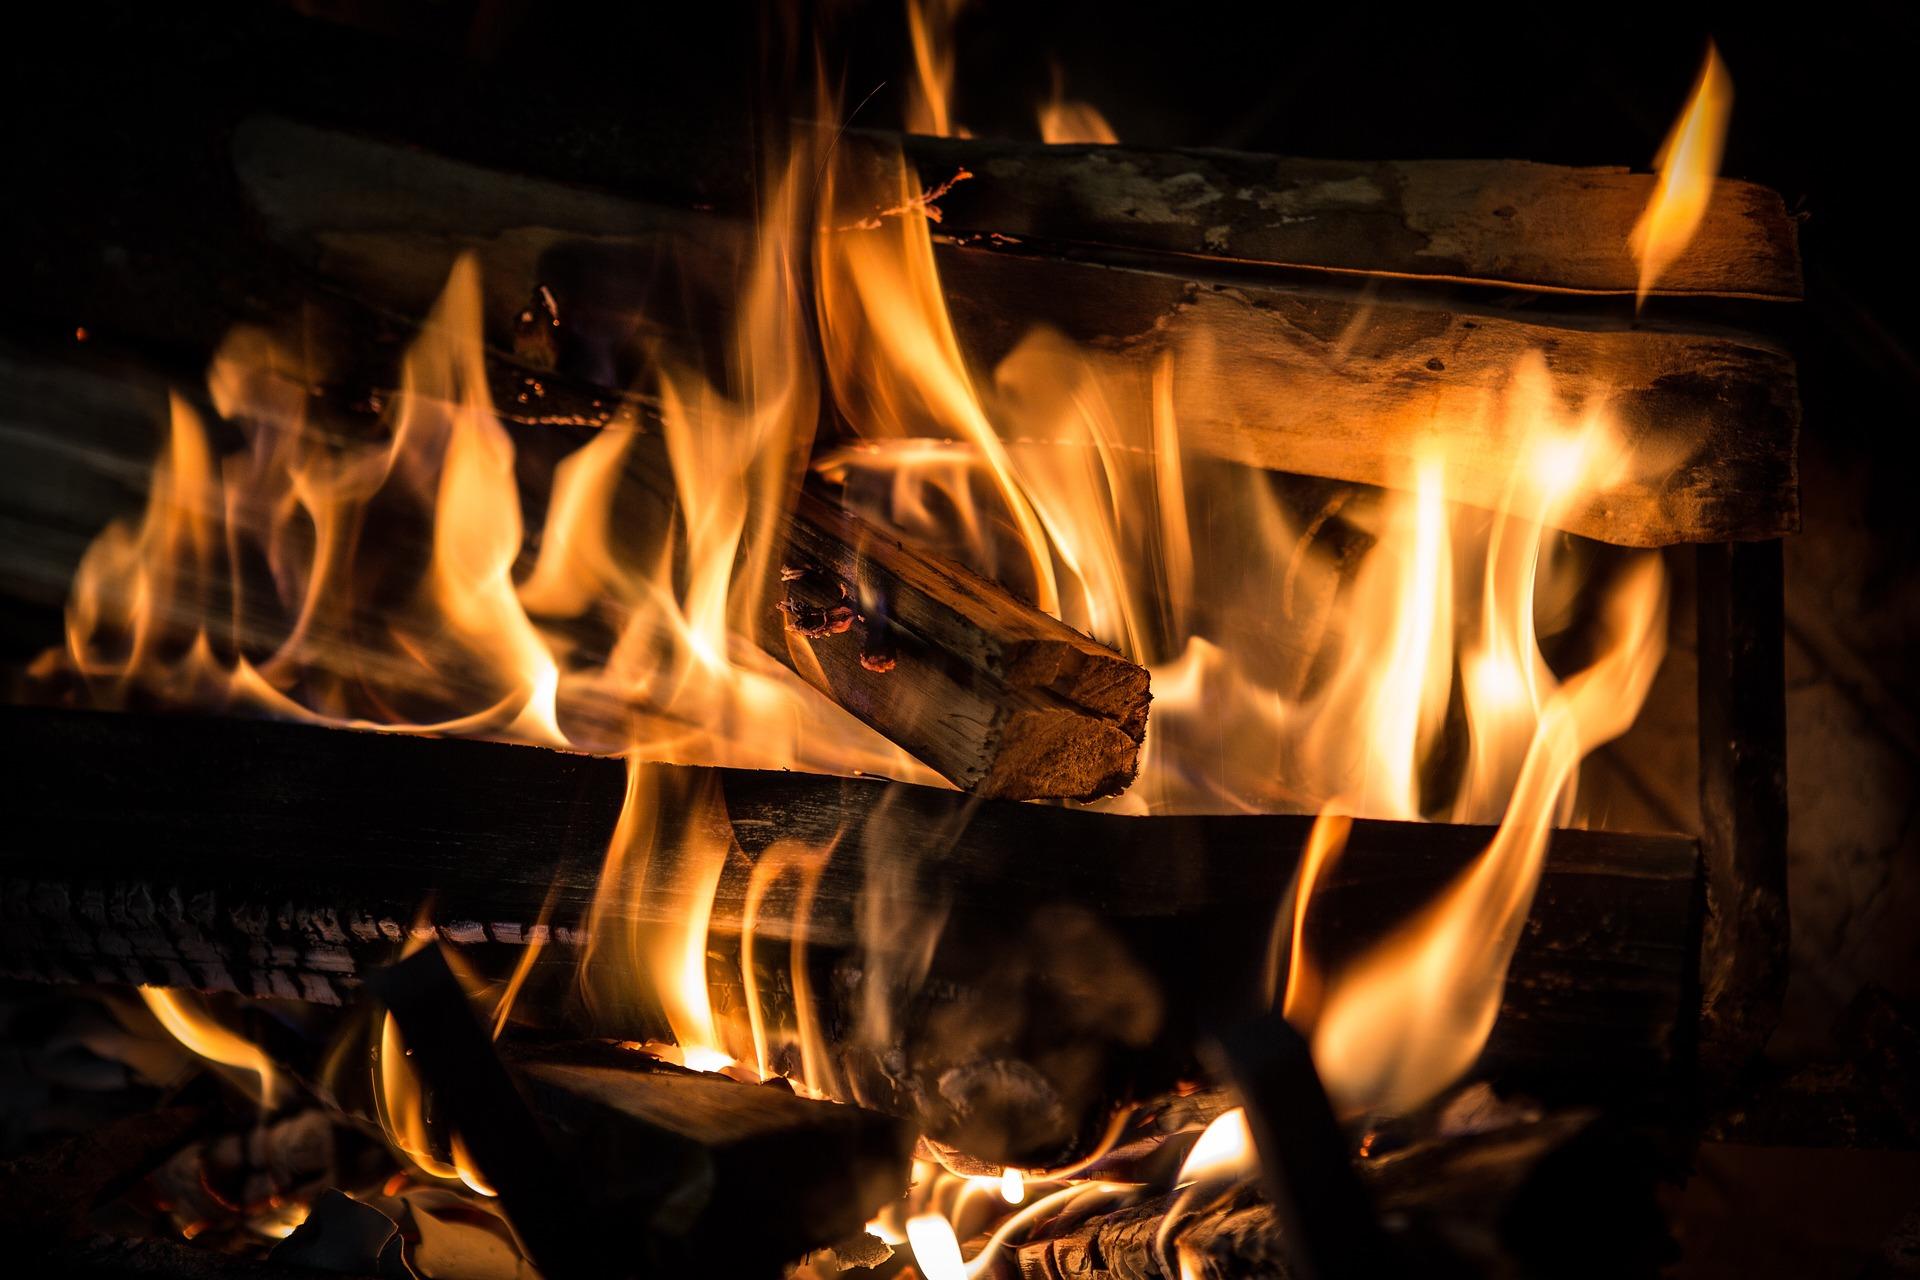 Haardhout ovengedroogd #haard